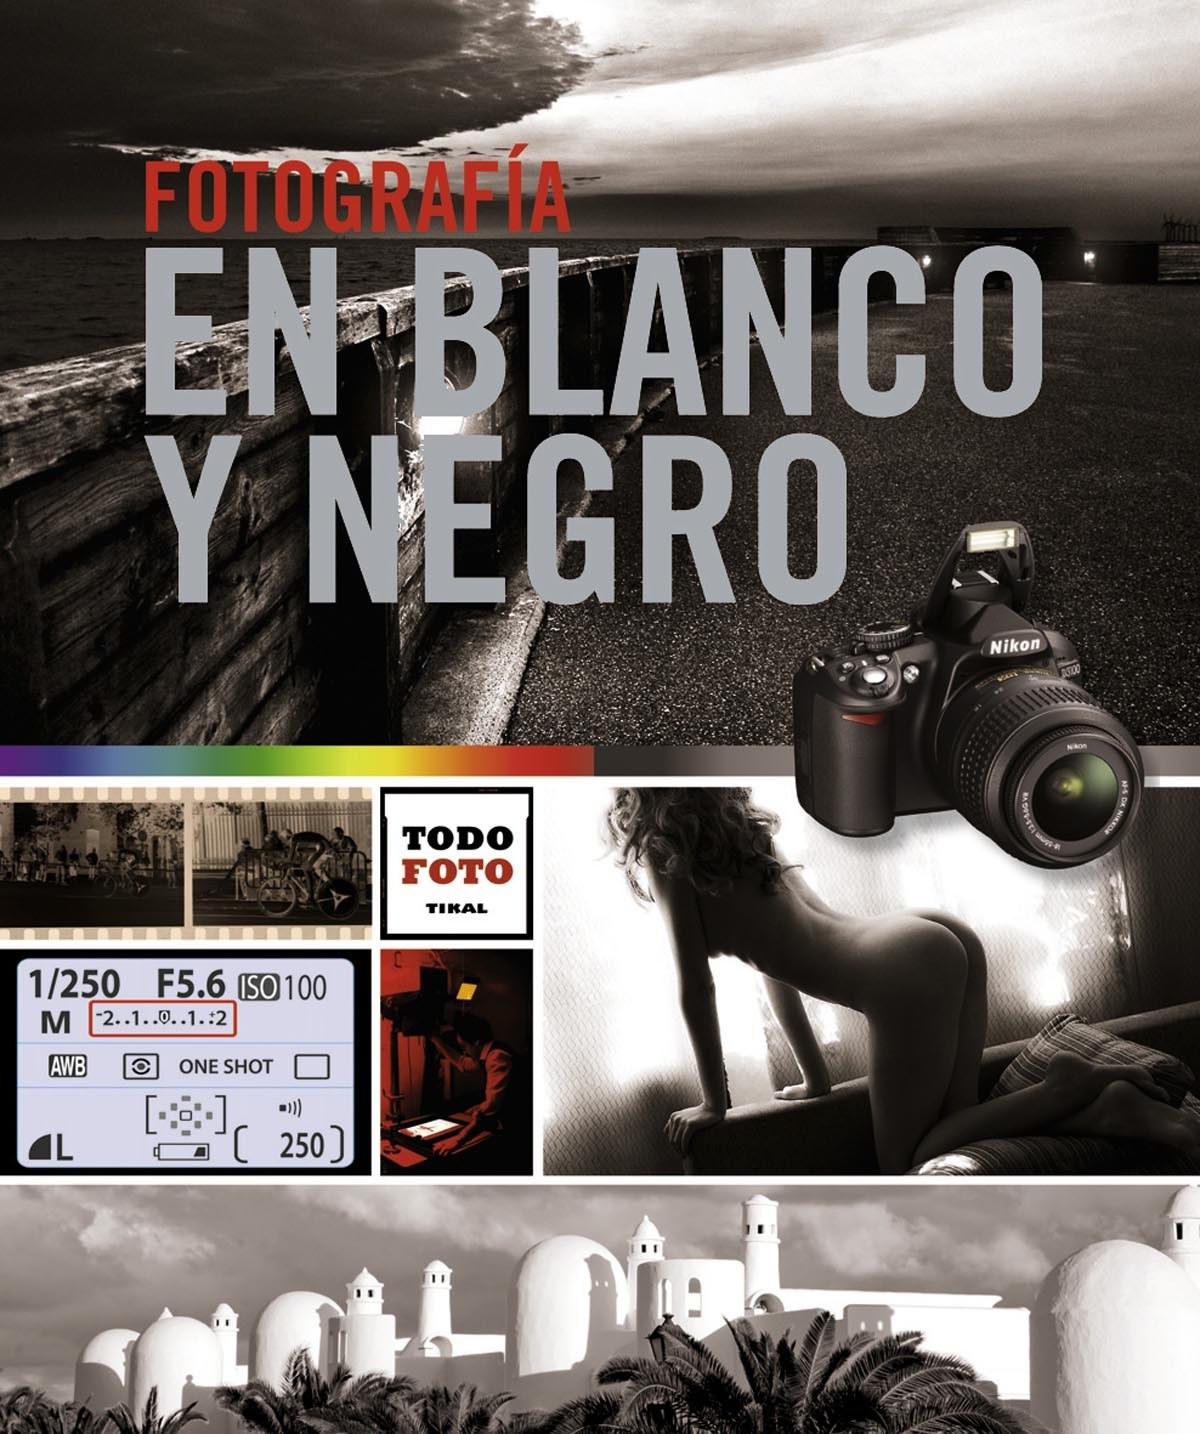 Fotograf¡a en blanco y negro 9788499282633